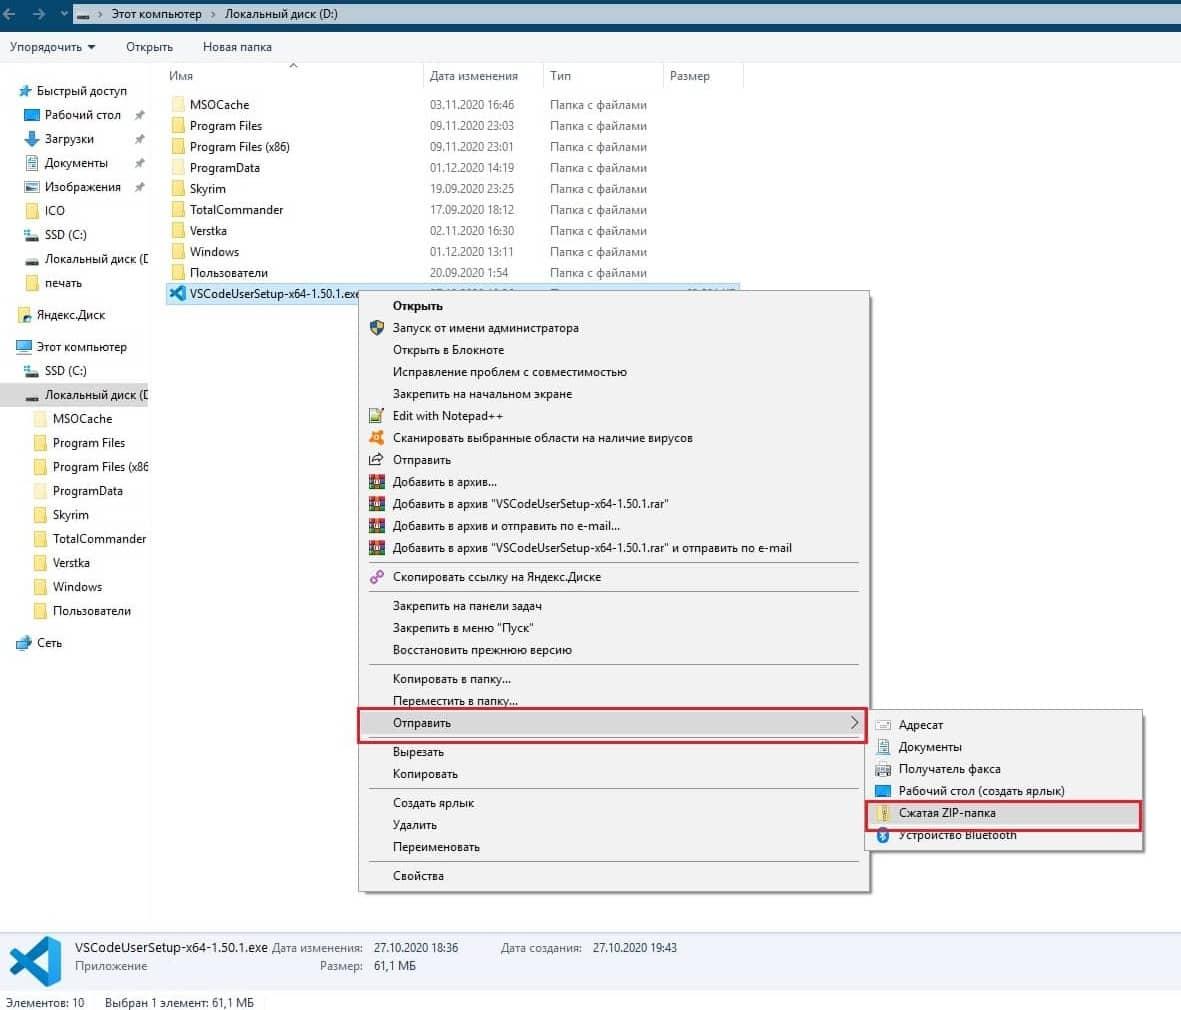 как архивировать файлы и папки в виндовс